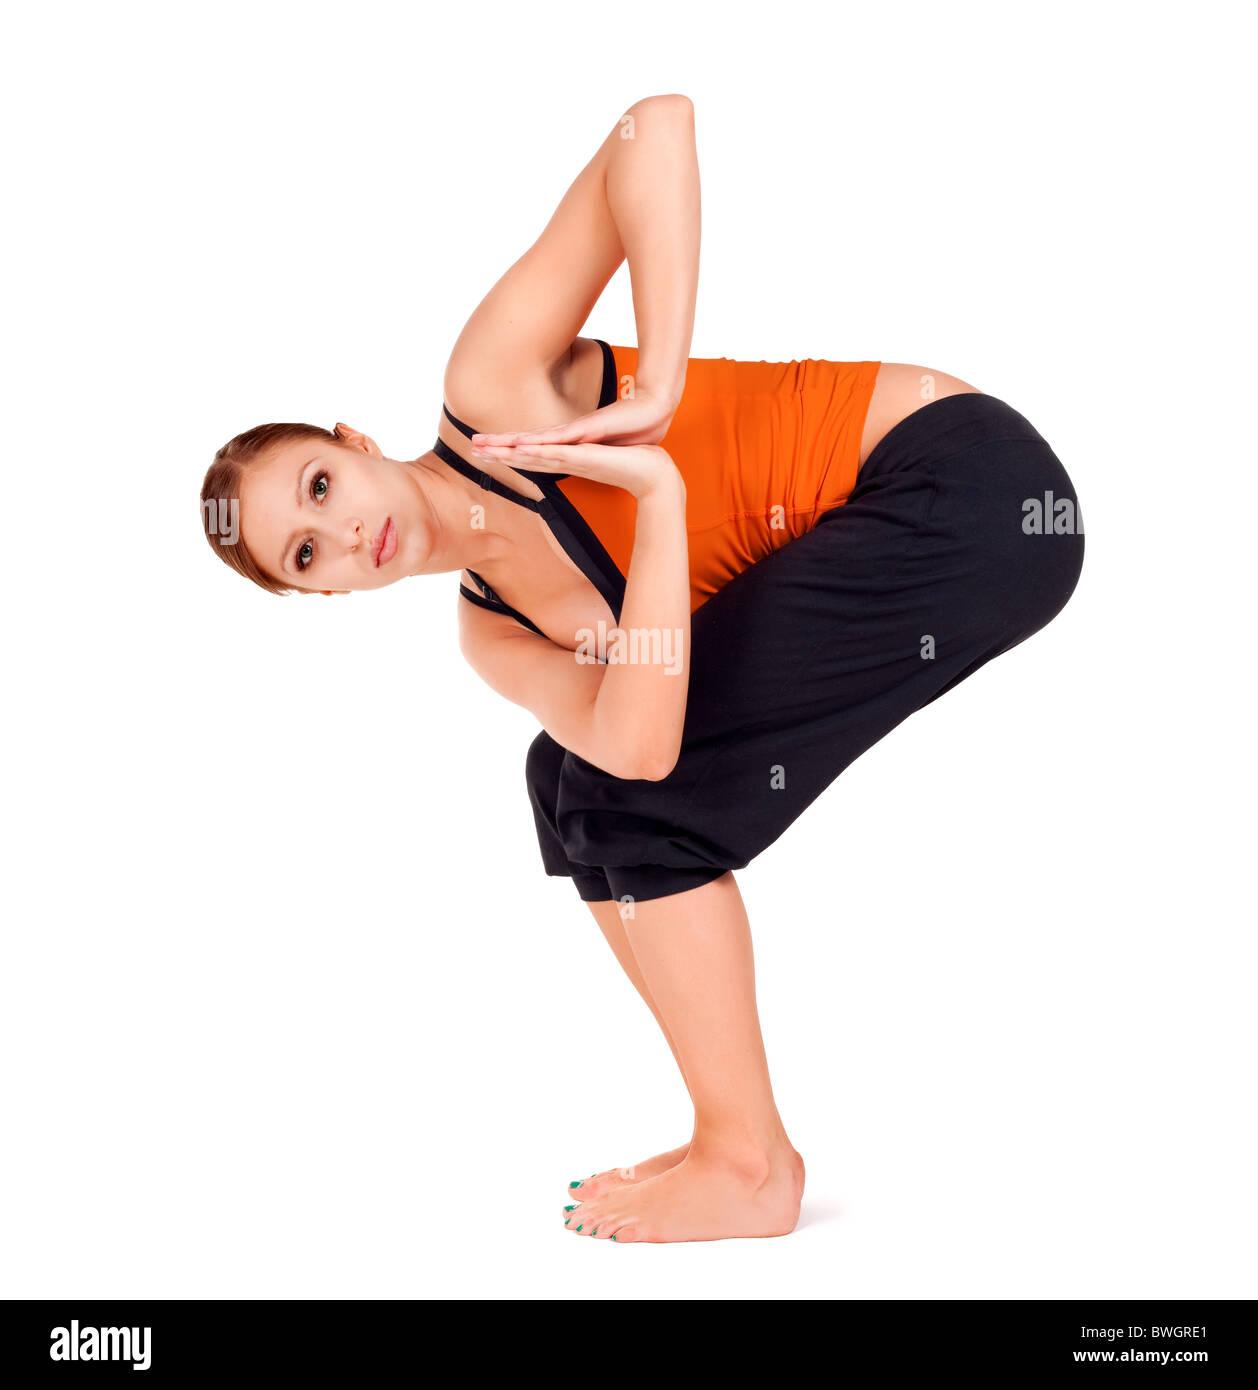 Montare la giovane donna a praticare yoga esercizio chiamato: Twisted sedia pongono nome sanscrito: Parivrtta Utkatasana Immagini Stock